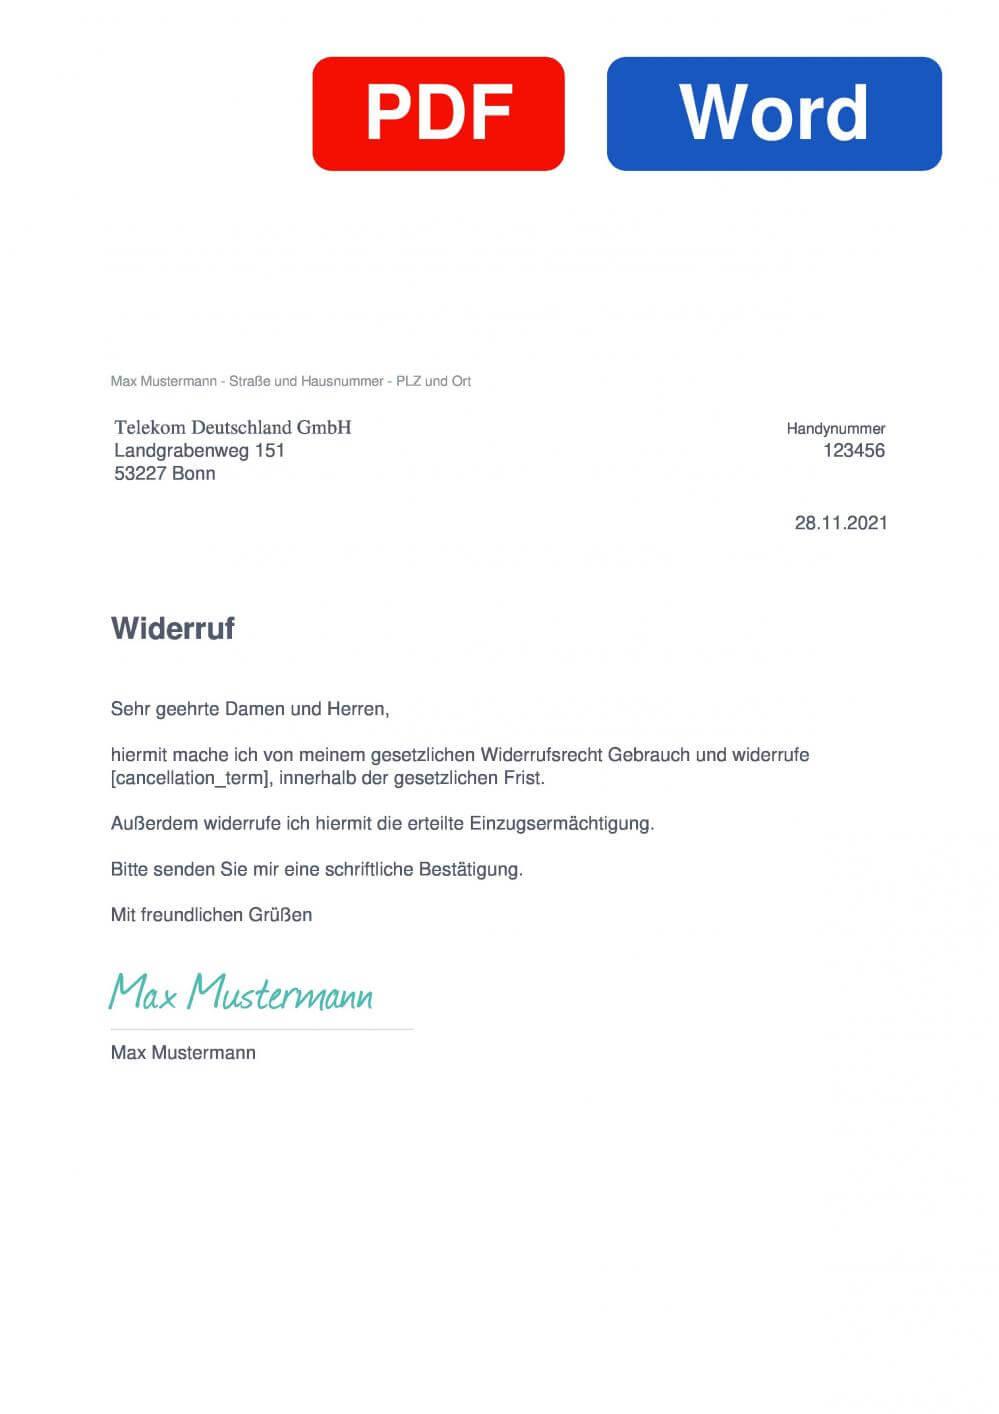 Telekom Handyvertrag Muster Vorlage für Wiederrufsschreiben